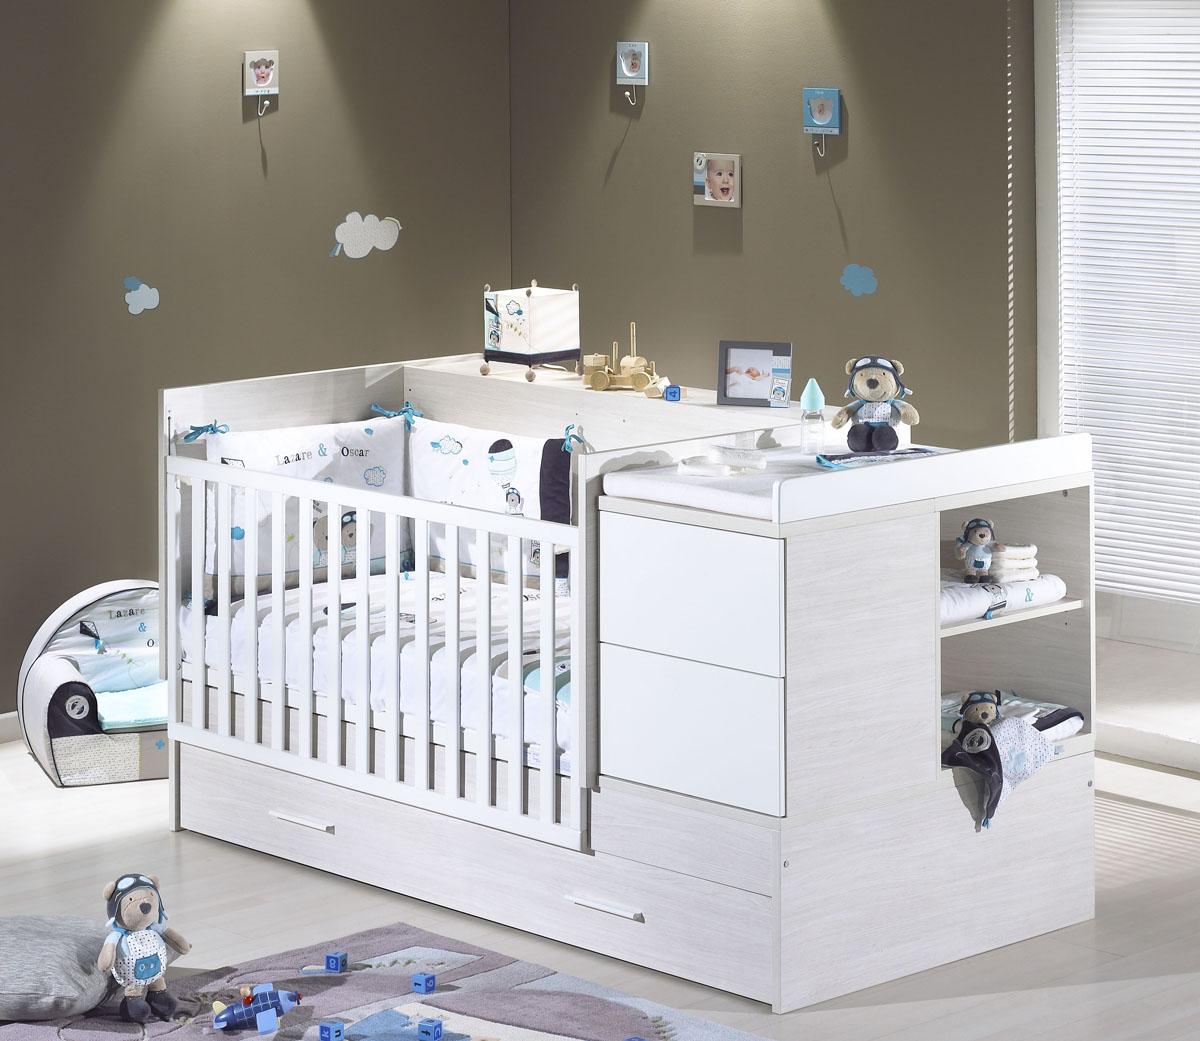 Декор детской кроватки для мальчика